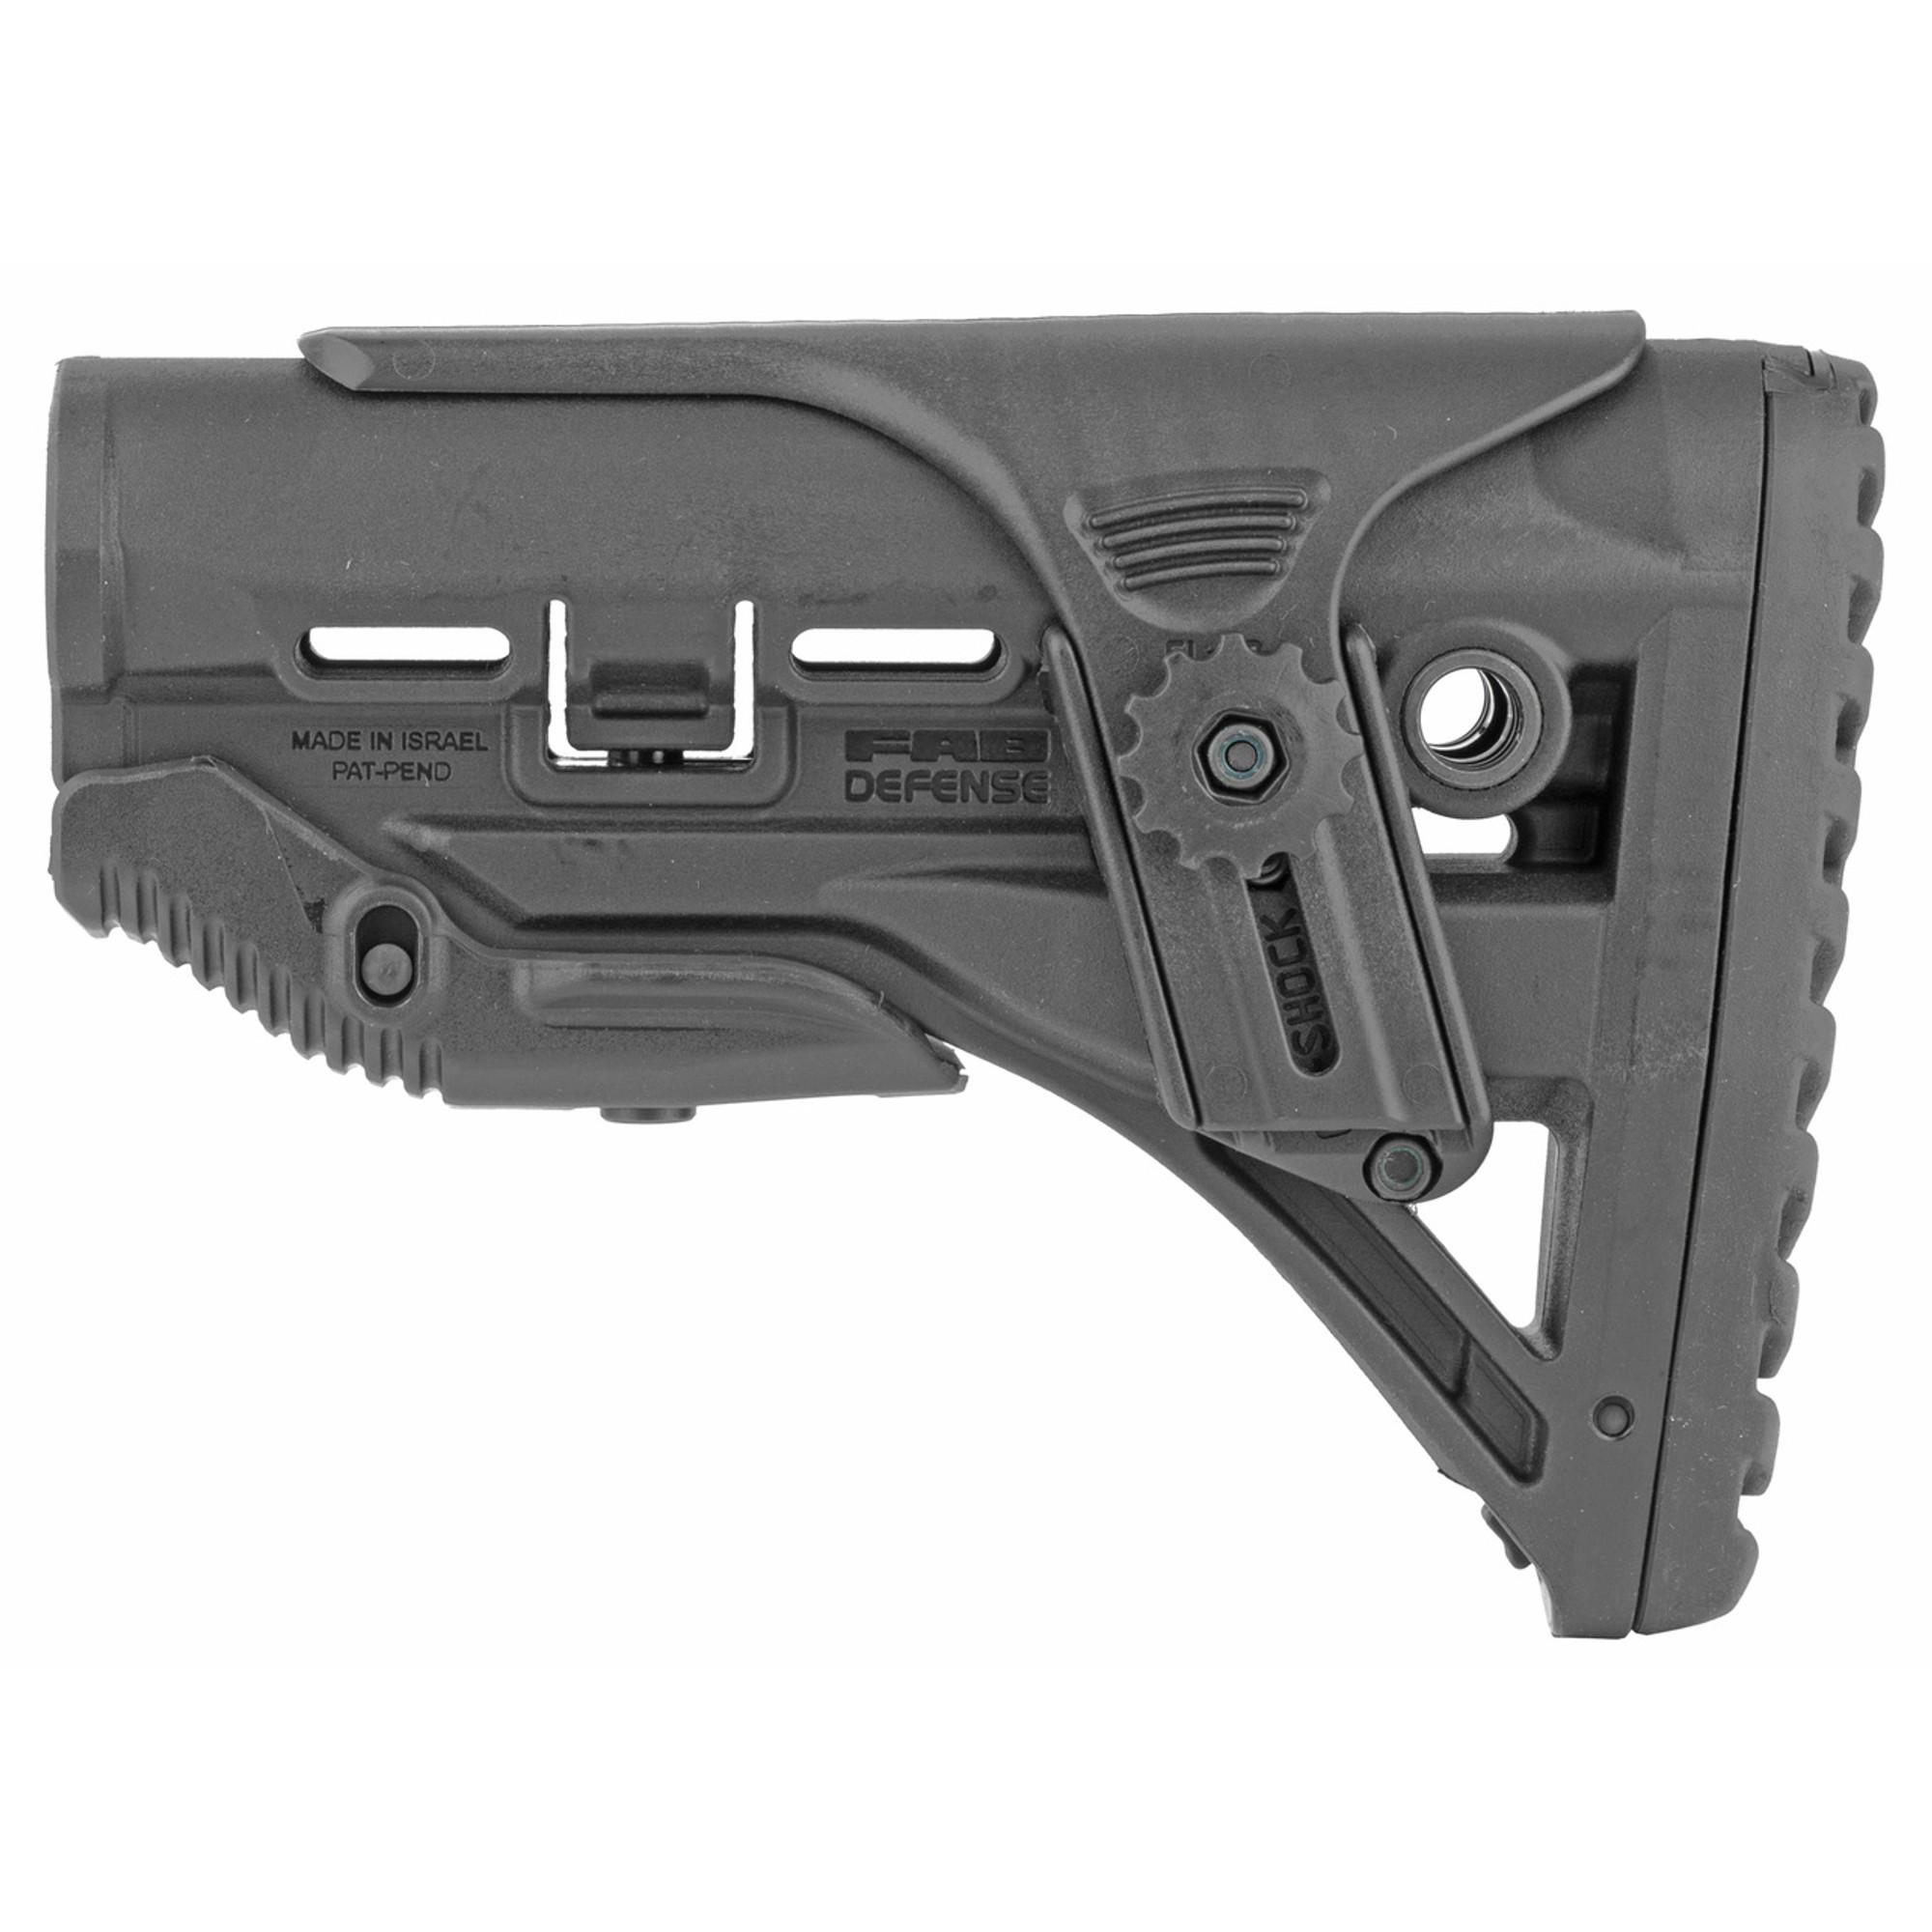 Fab Def Gl-shock Ar15 Stk W/riser